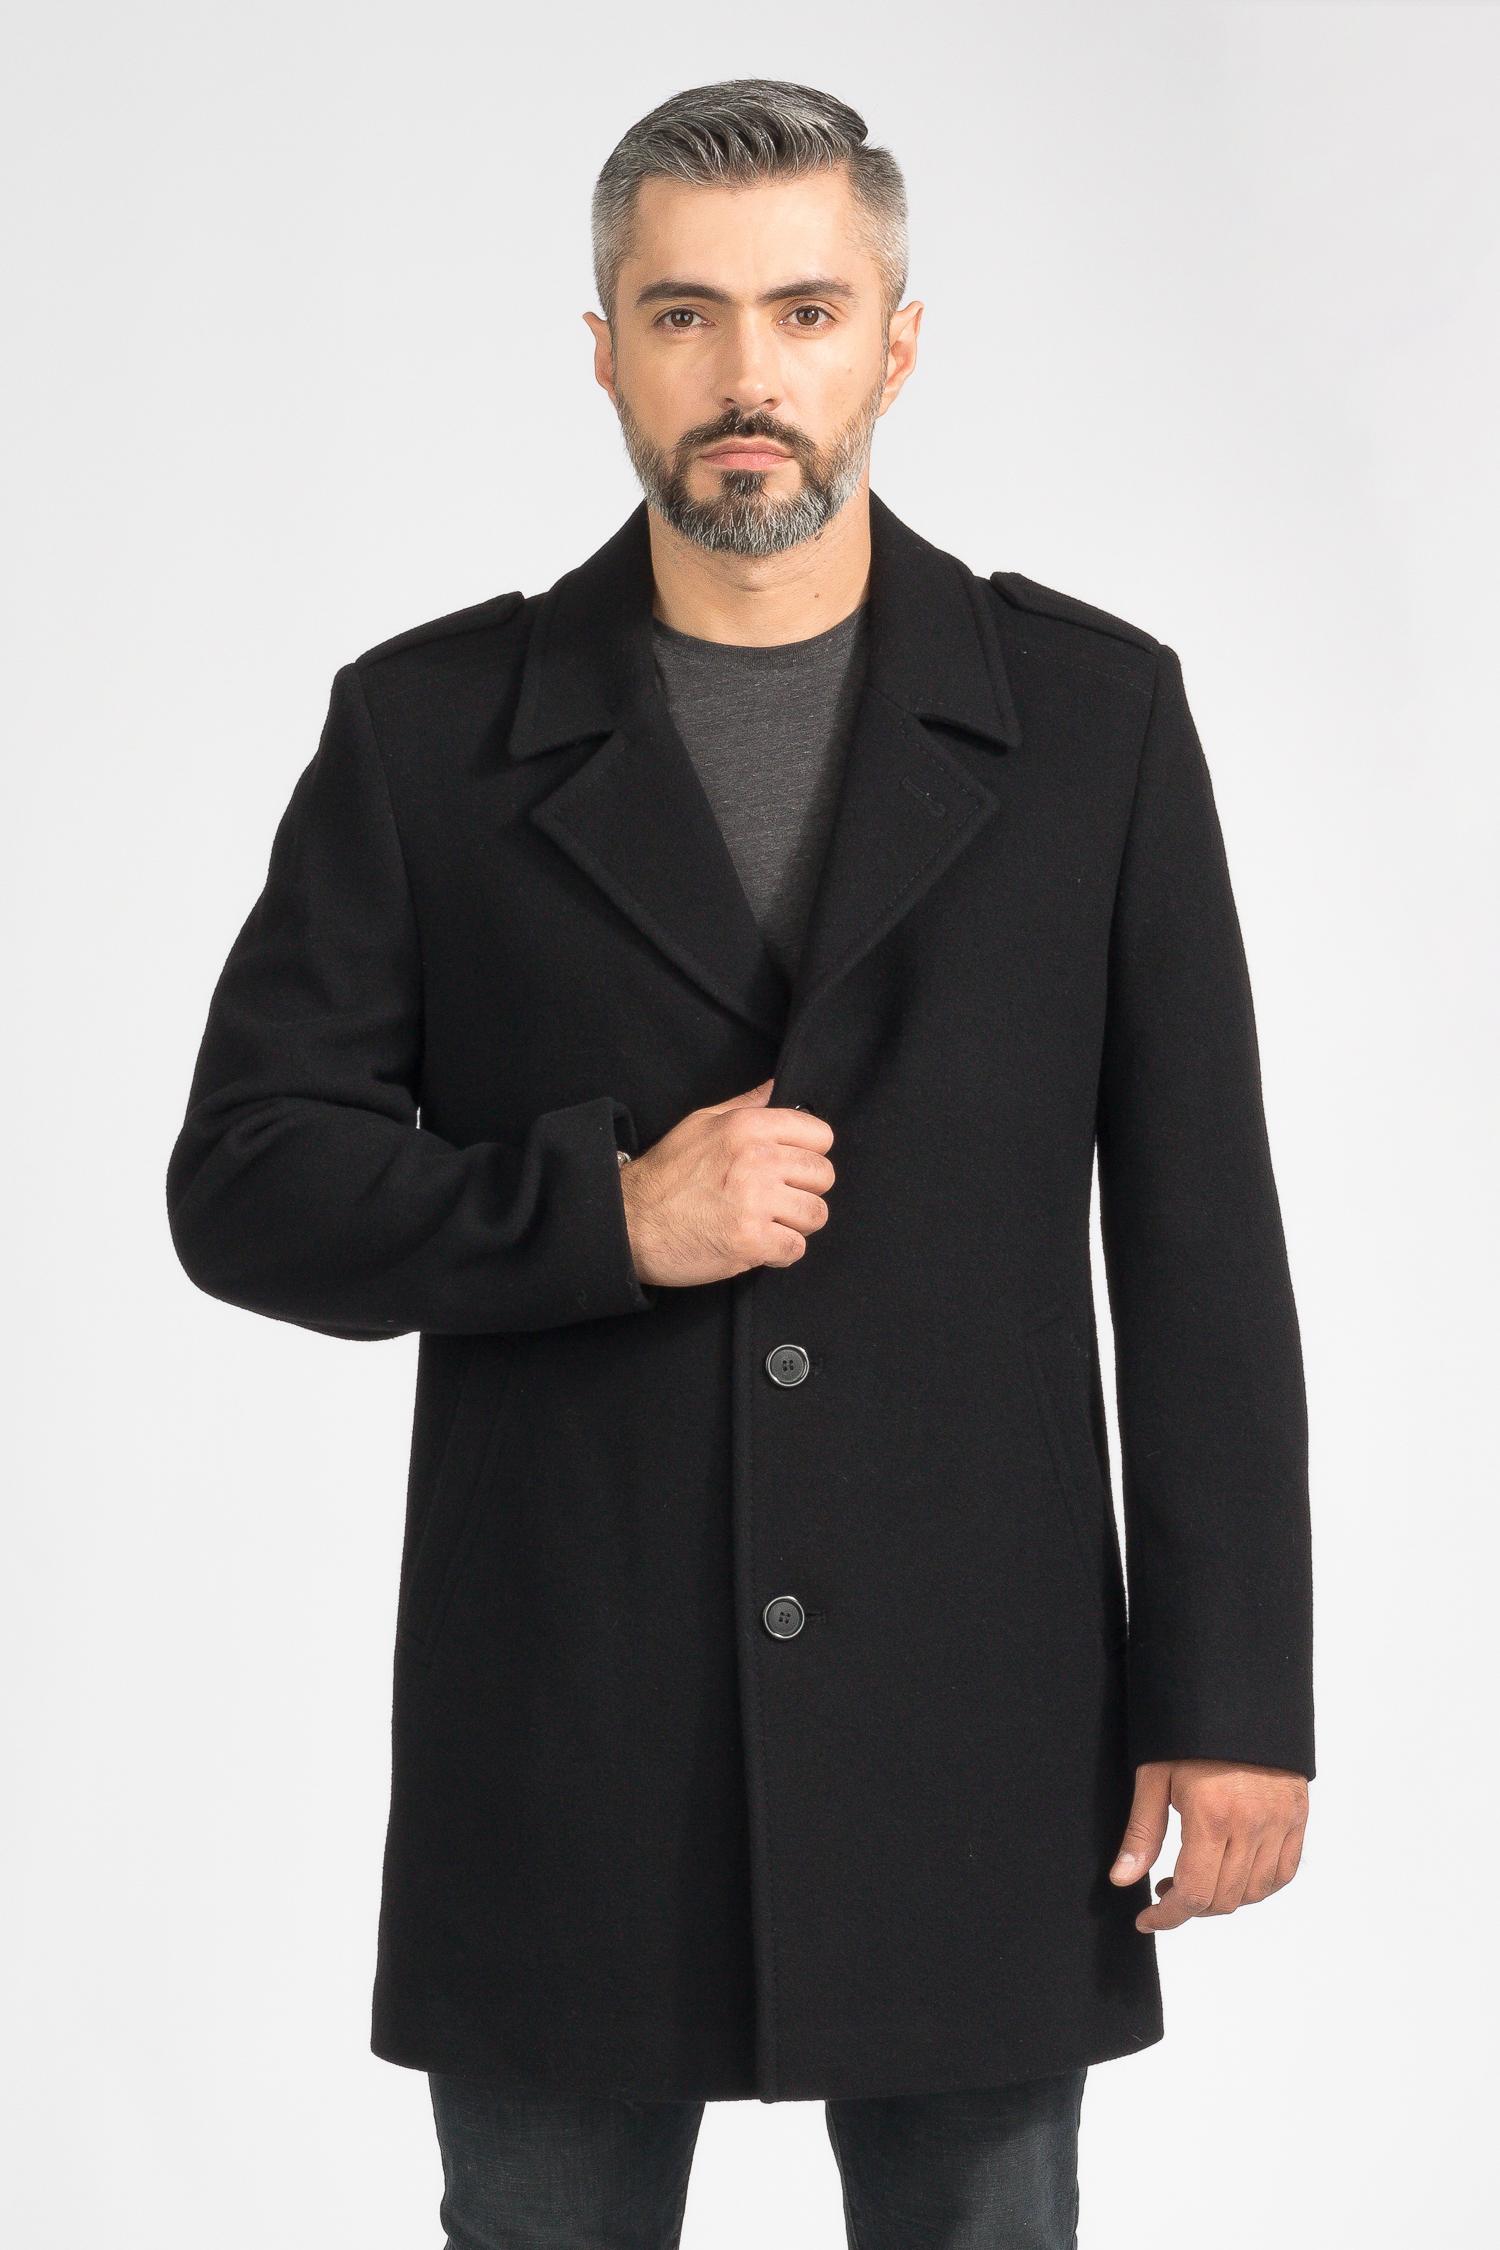 Купить Мужское пальто из текстиля с воротником, без отделки, МОСМЕХА, черный, Комбинированный состав, 3000678